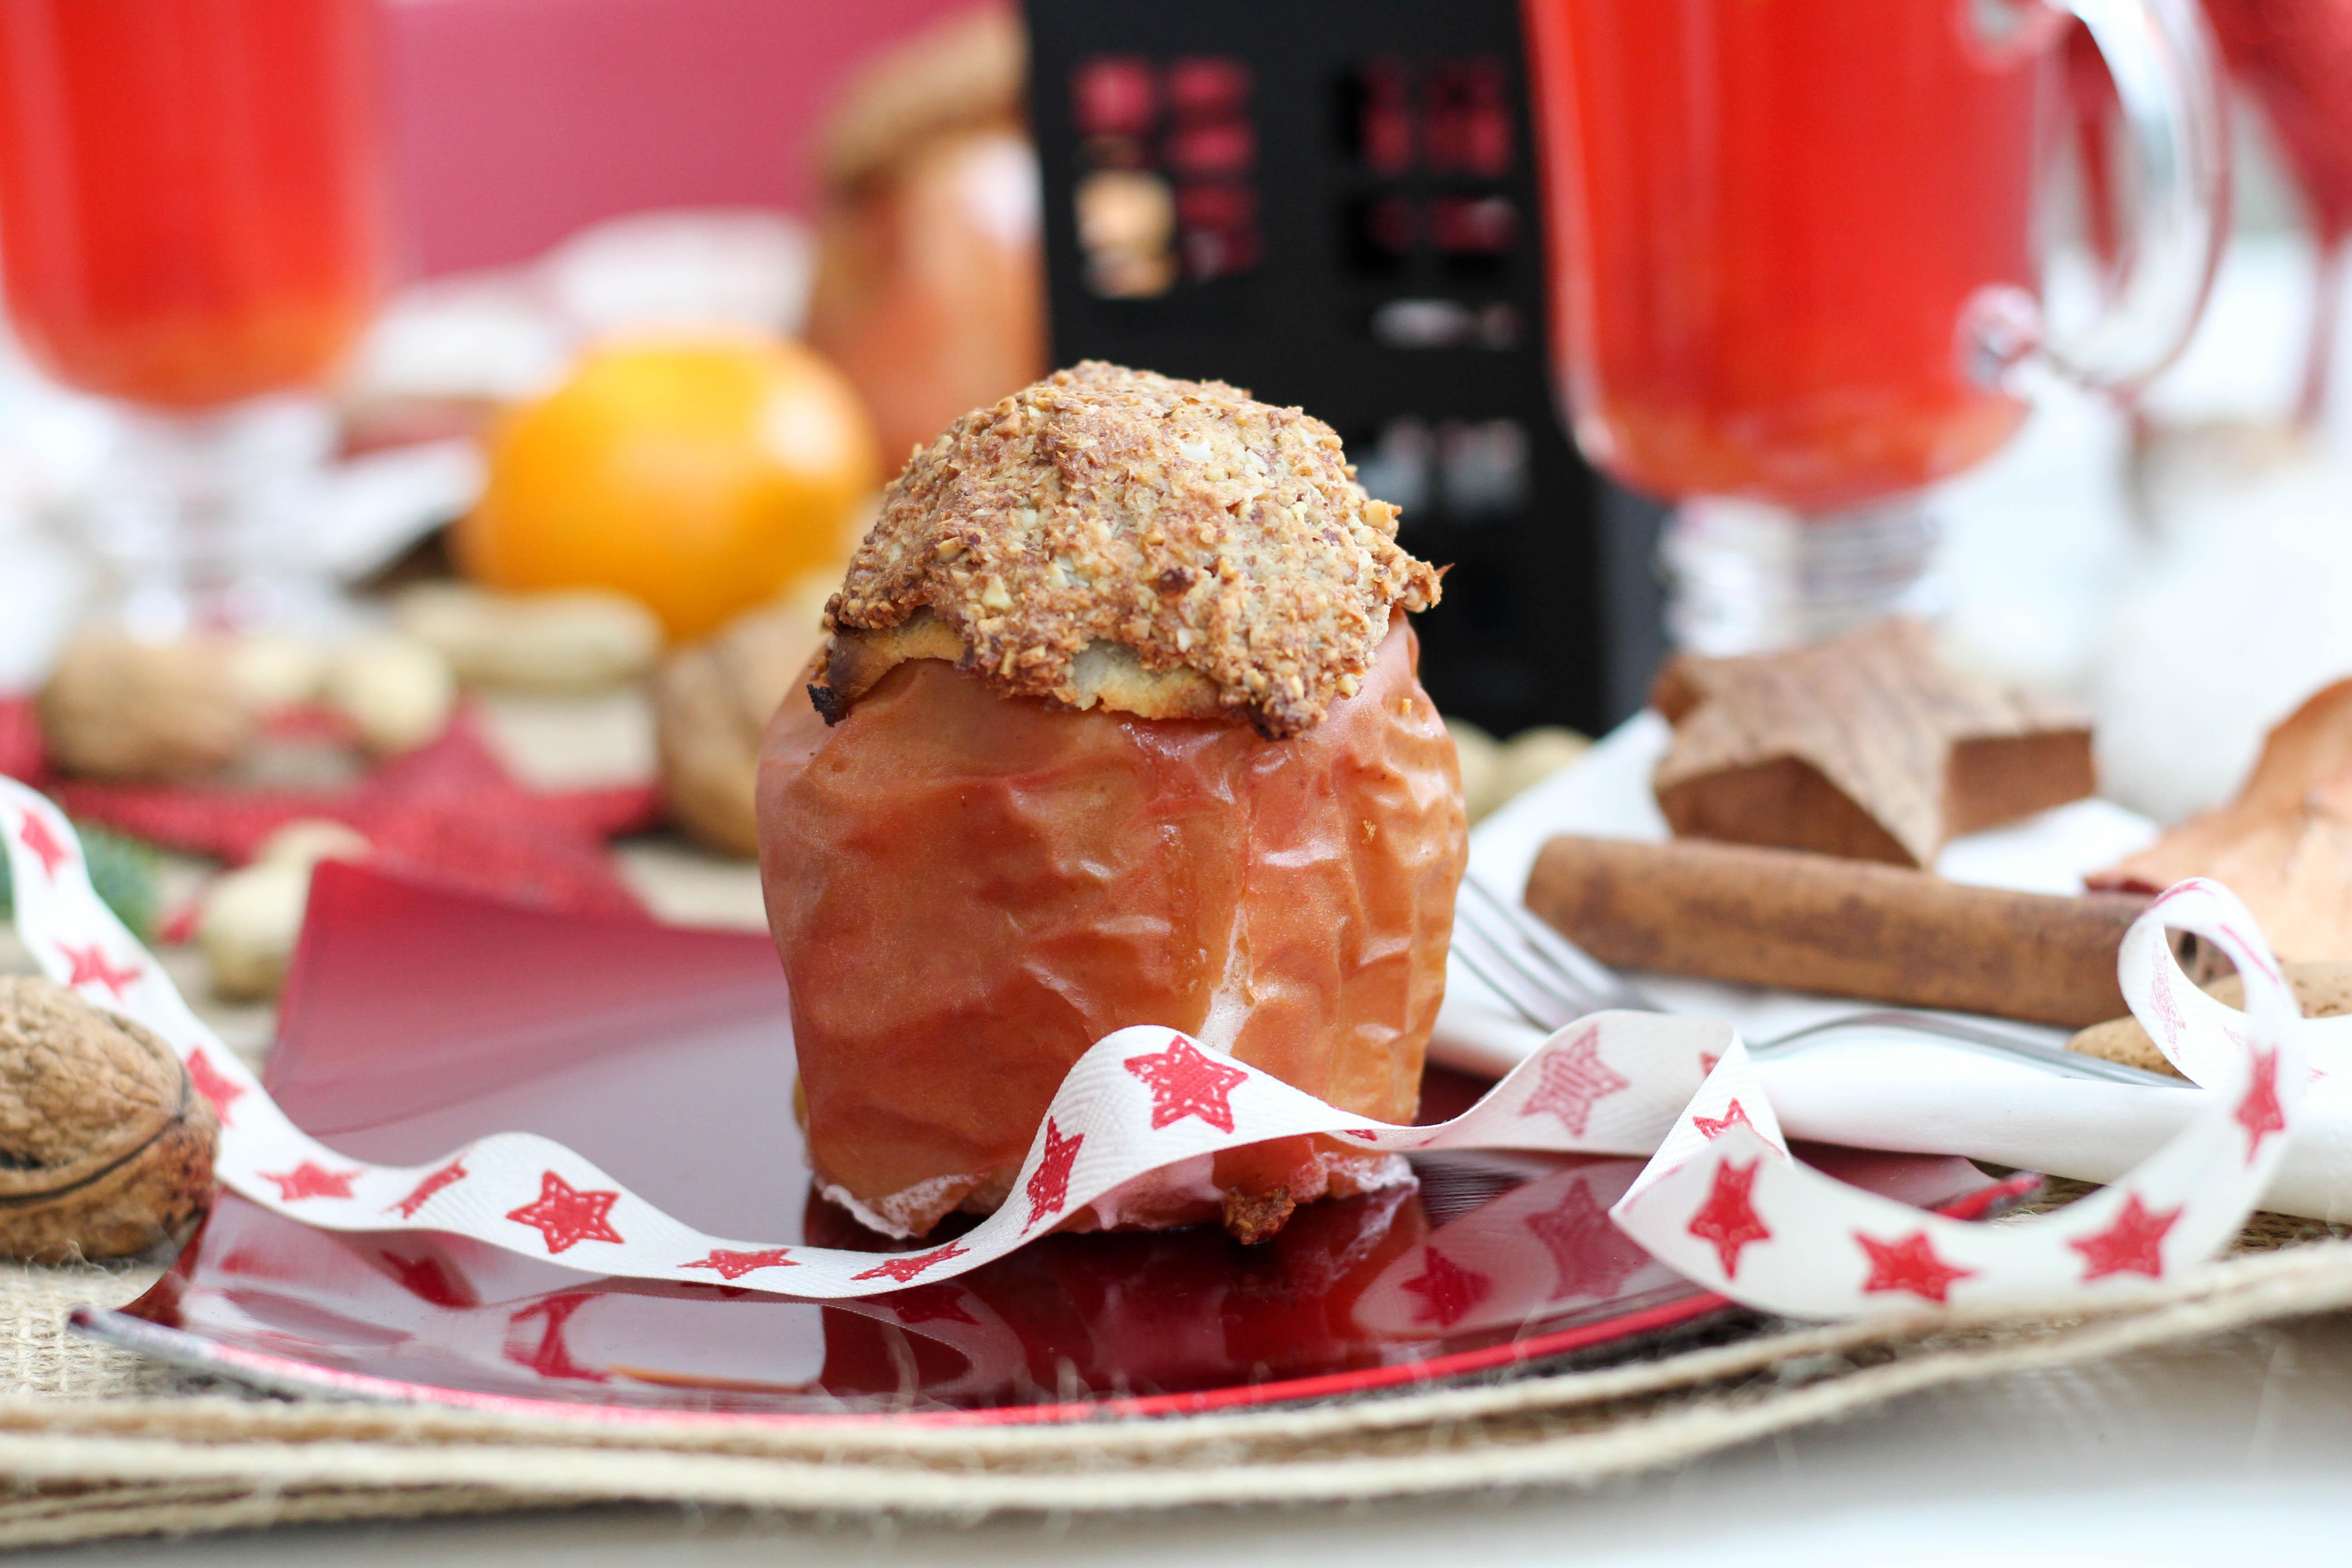 vegan-nikolaus-krampus-weihnachten-bratapfel-germteig-perchten-nuesse-christmas-soulfood-homespa-plantbased-17-von-35